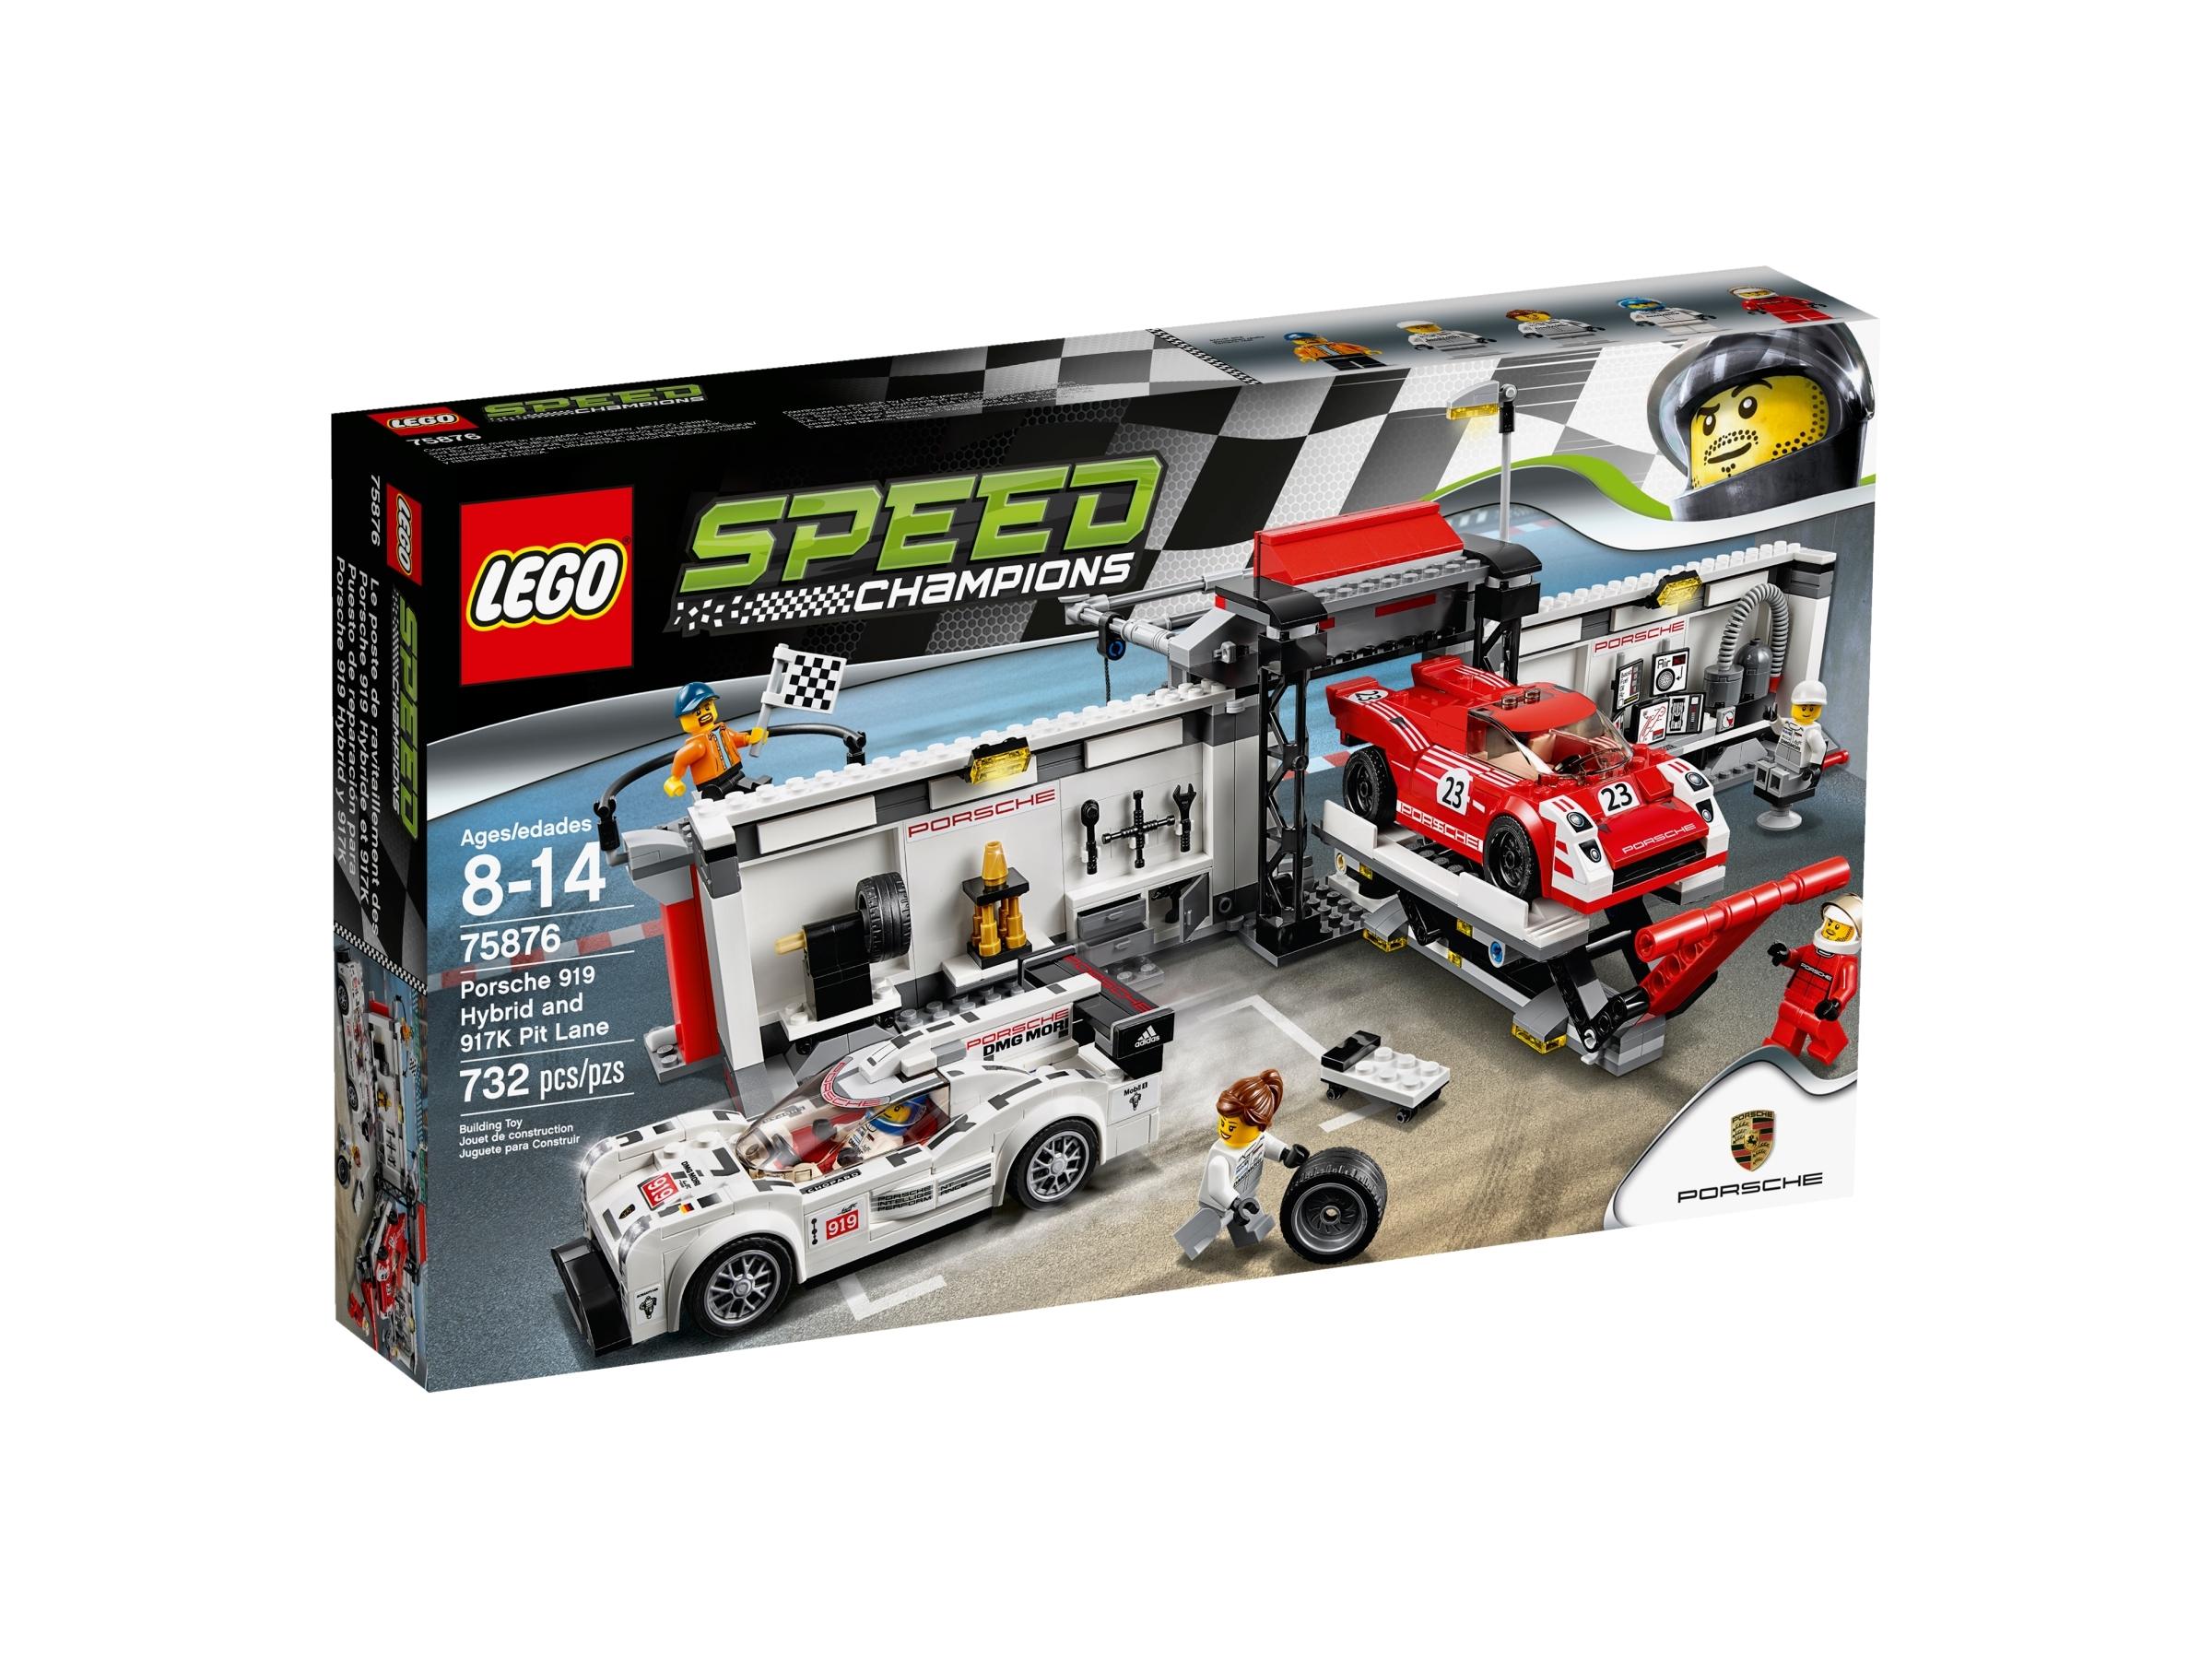 lego 75876 porsche 919 hybrid og 917k pitlane